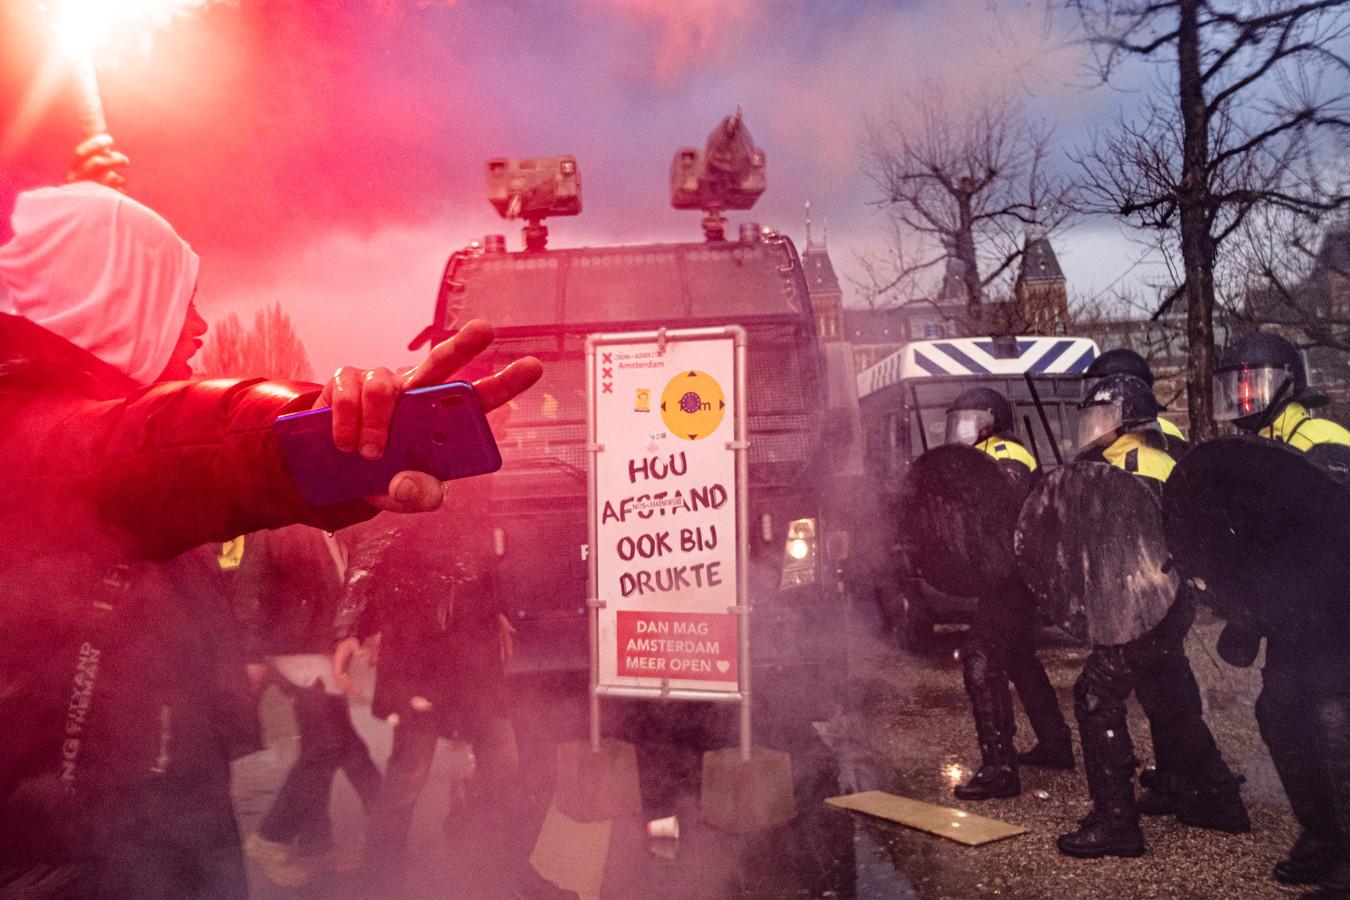 Betogers tegenover politie op het Museumplein in Amsterdam.